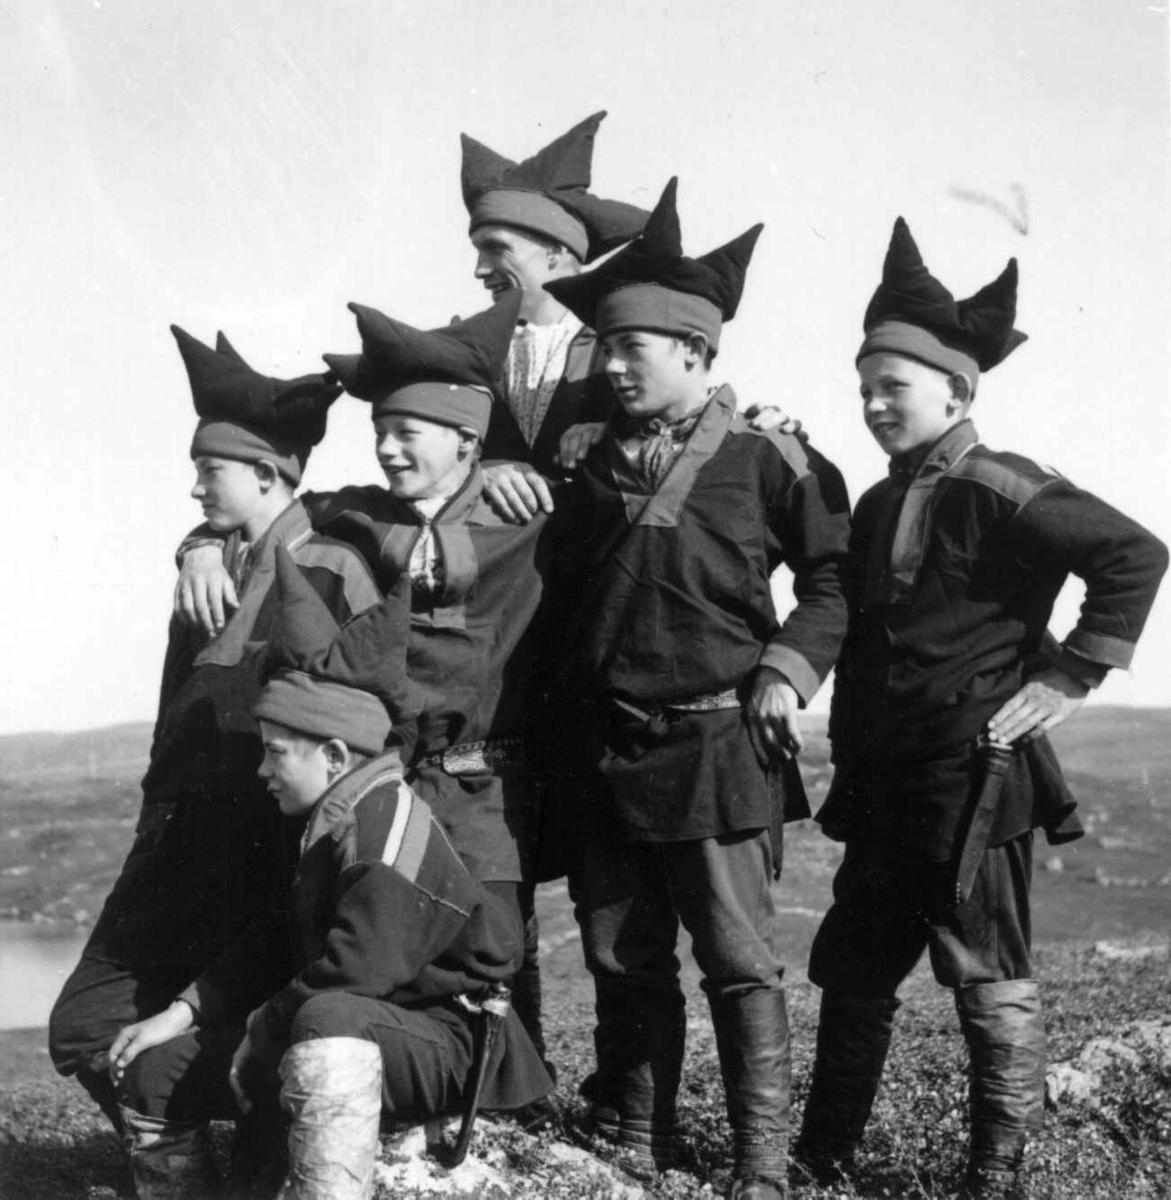 Karasjok-gutter med sin lærer Bjørn Aarseth i Karasjok-drakter. Ytre Billefjord 1959.